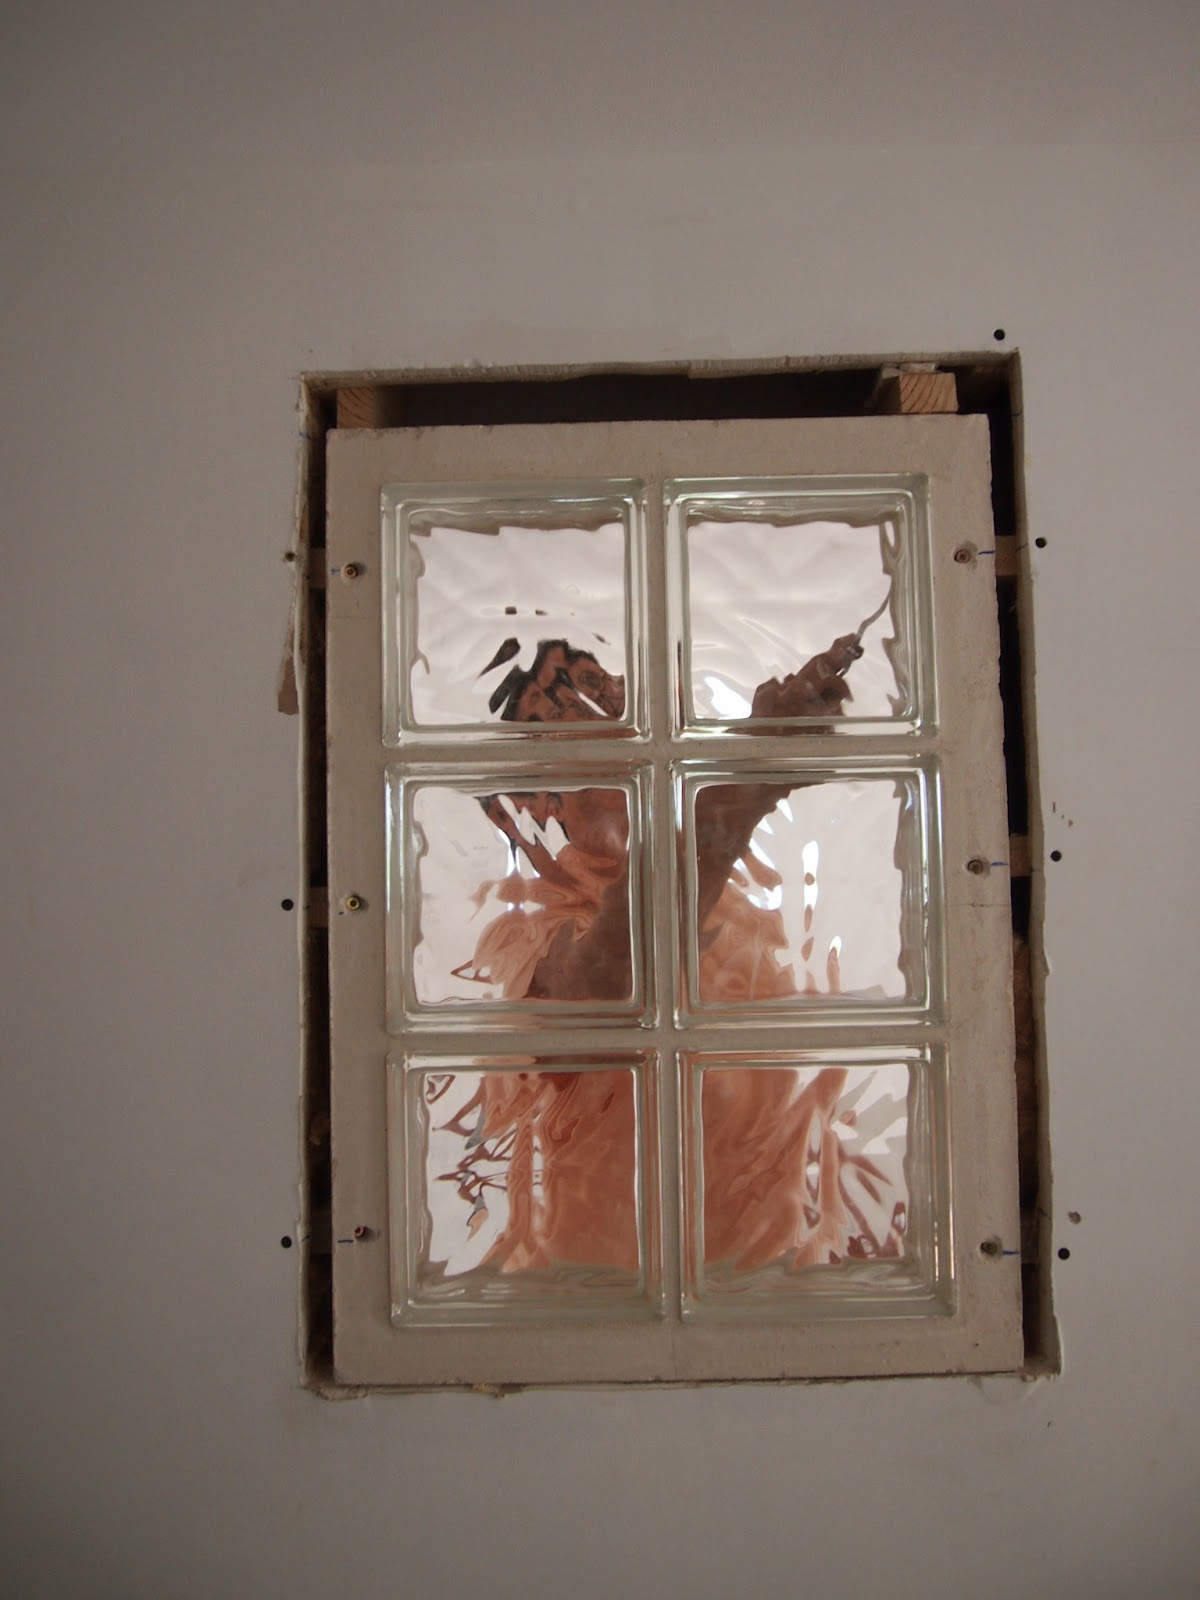 Notre nid au paradis fen tre en brique de verre for Fenetre carreaux de verre